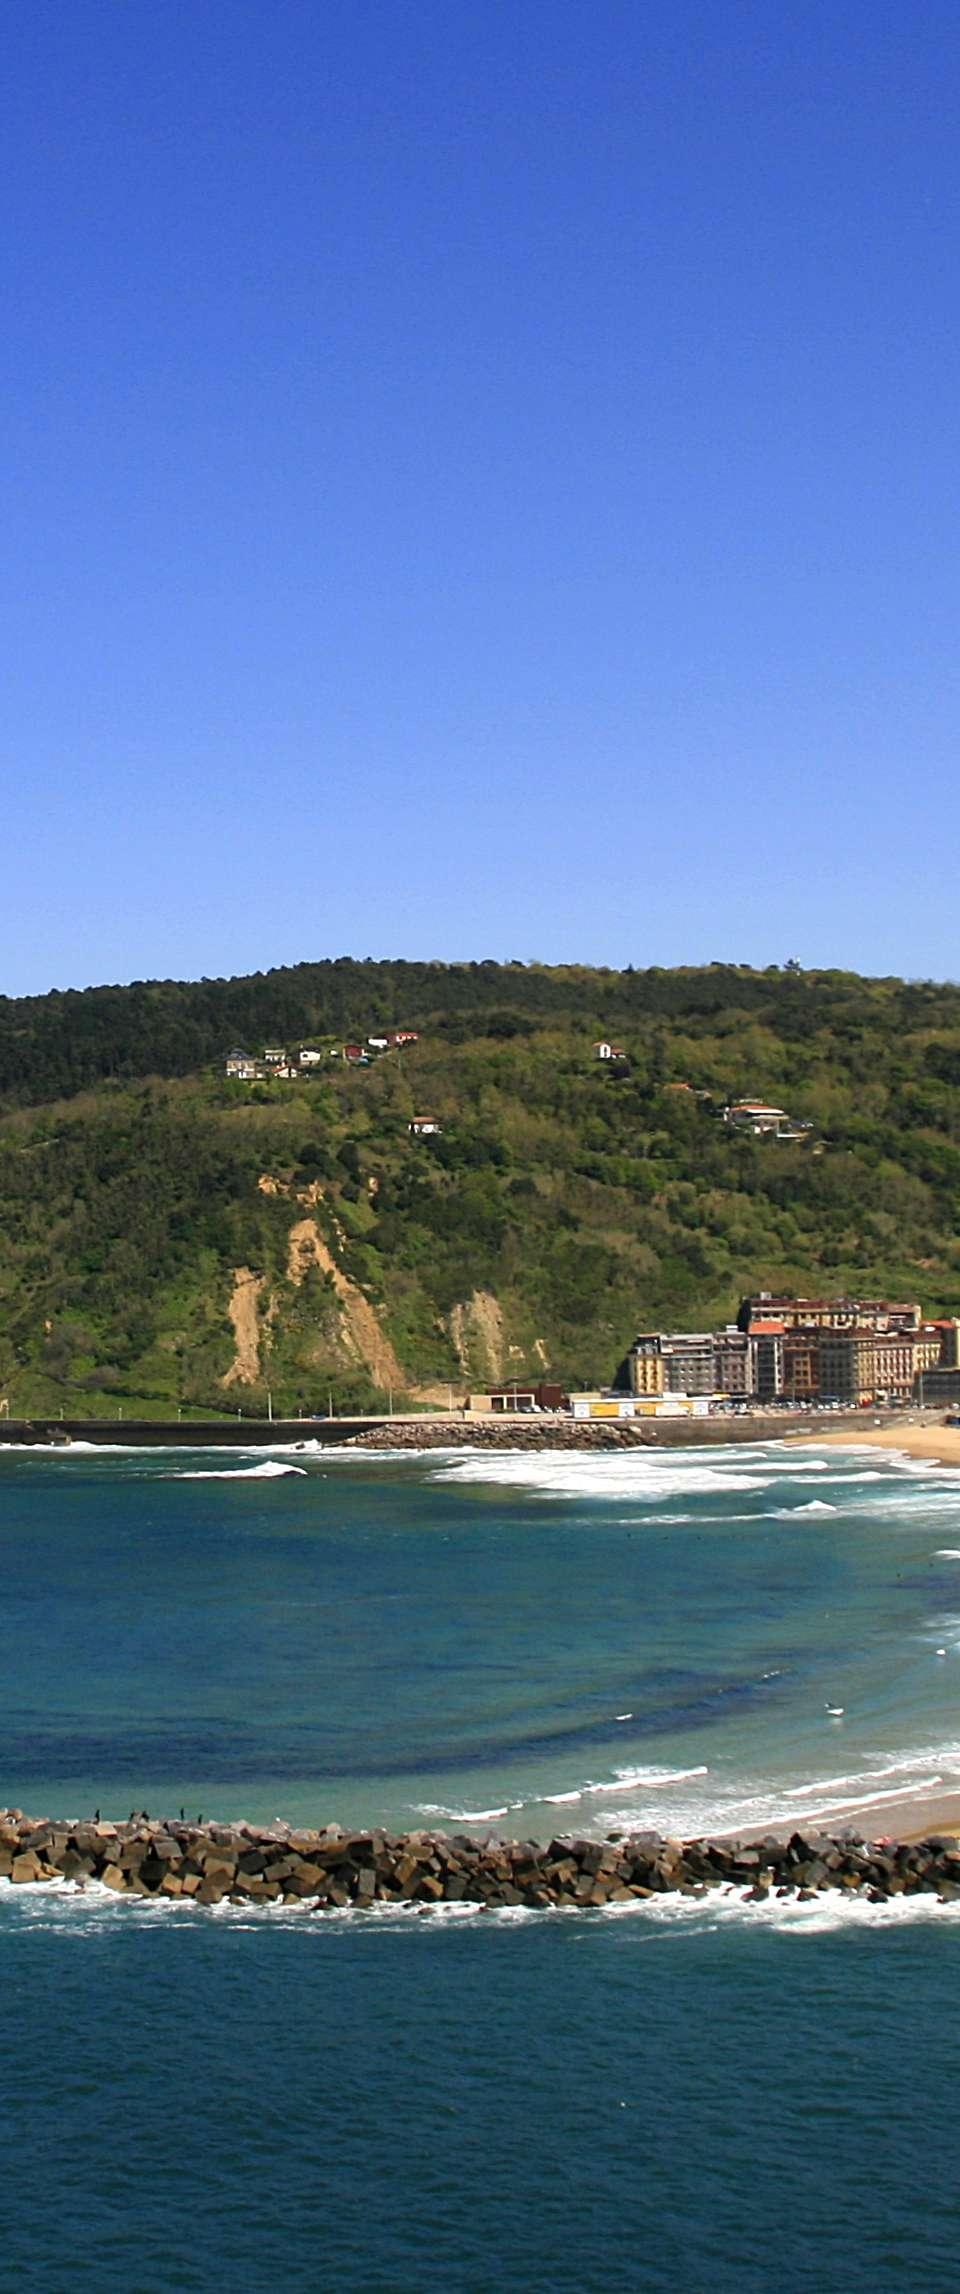 A view of San Sebastian beach in Spain